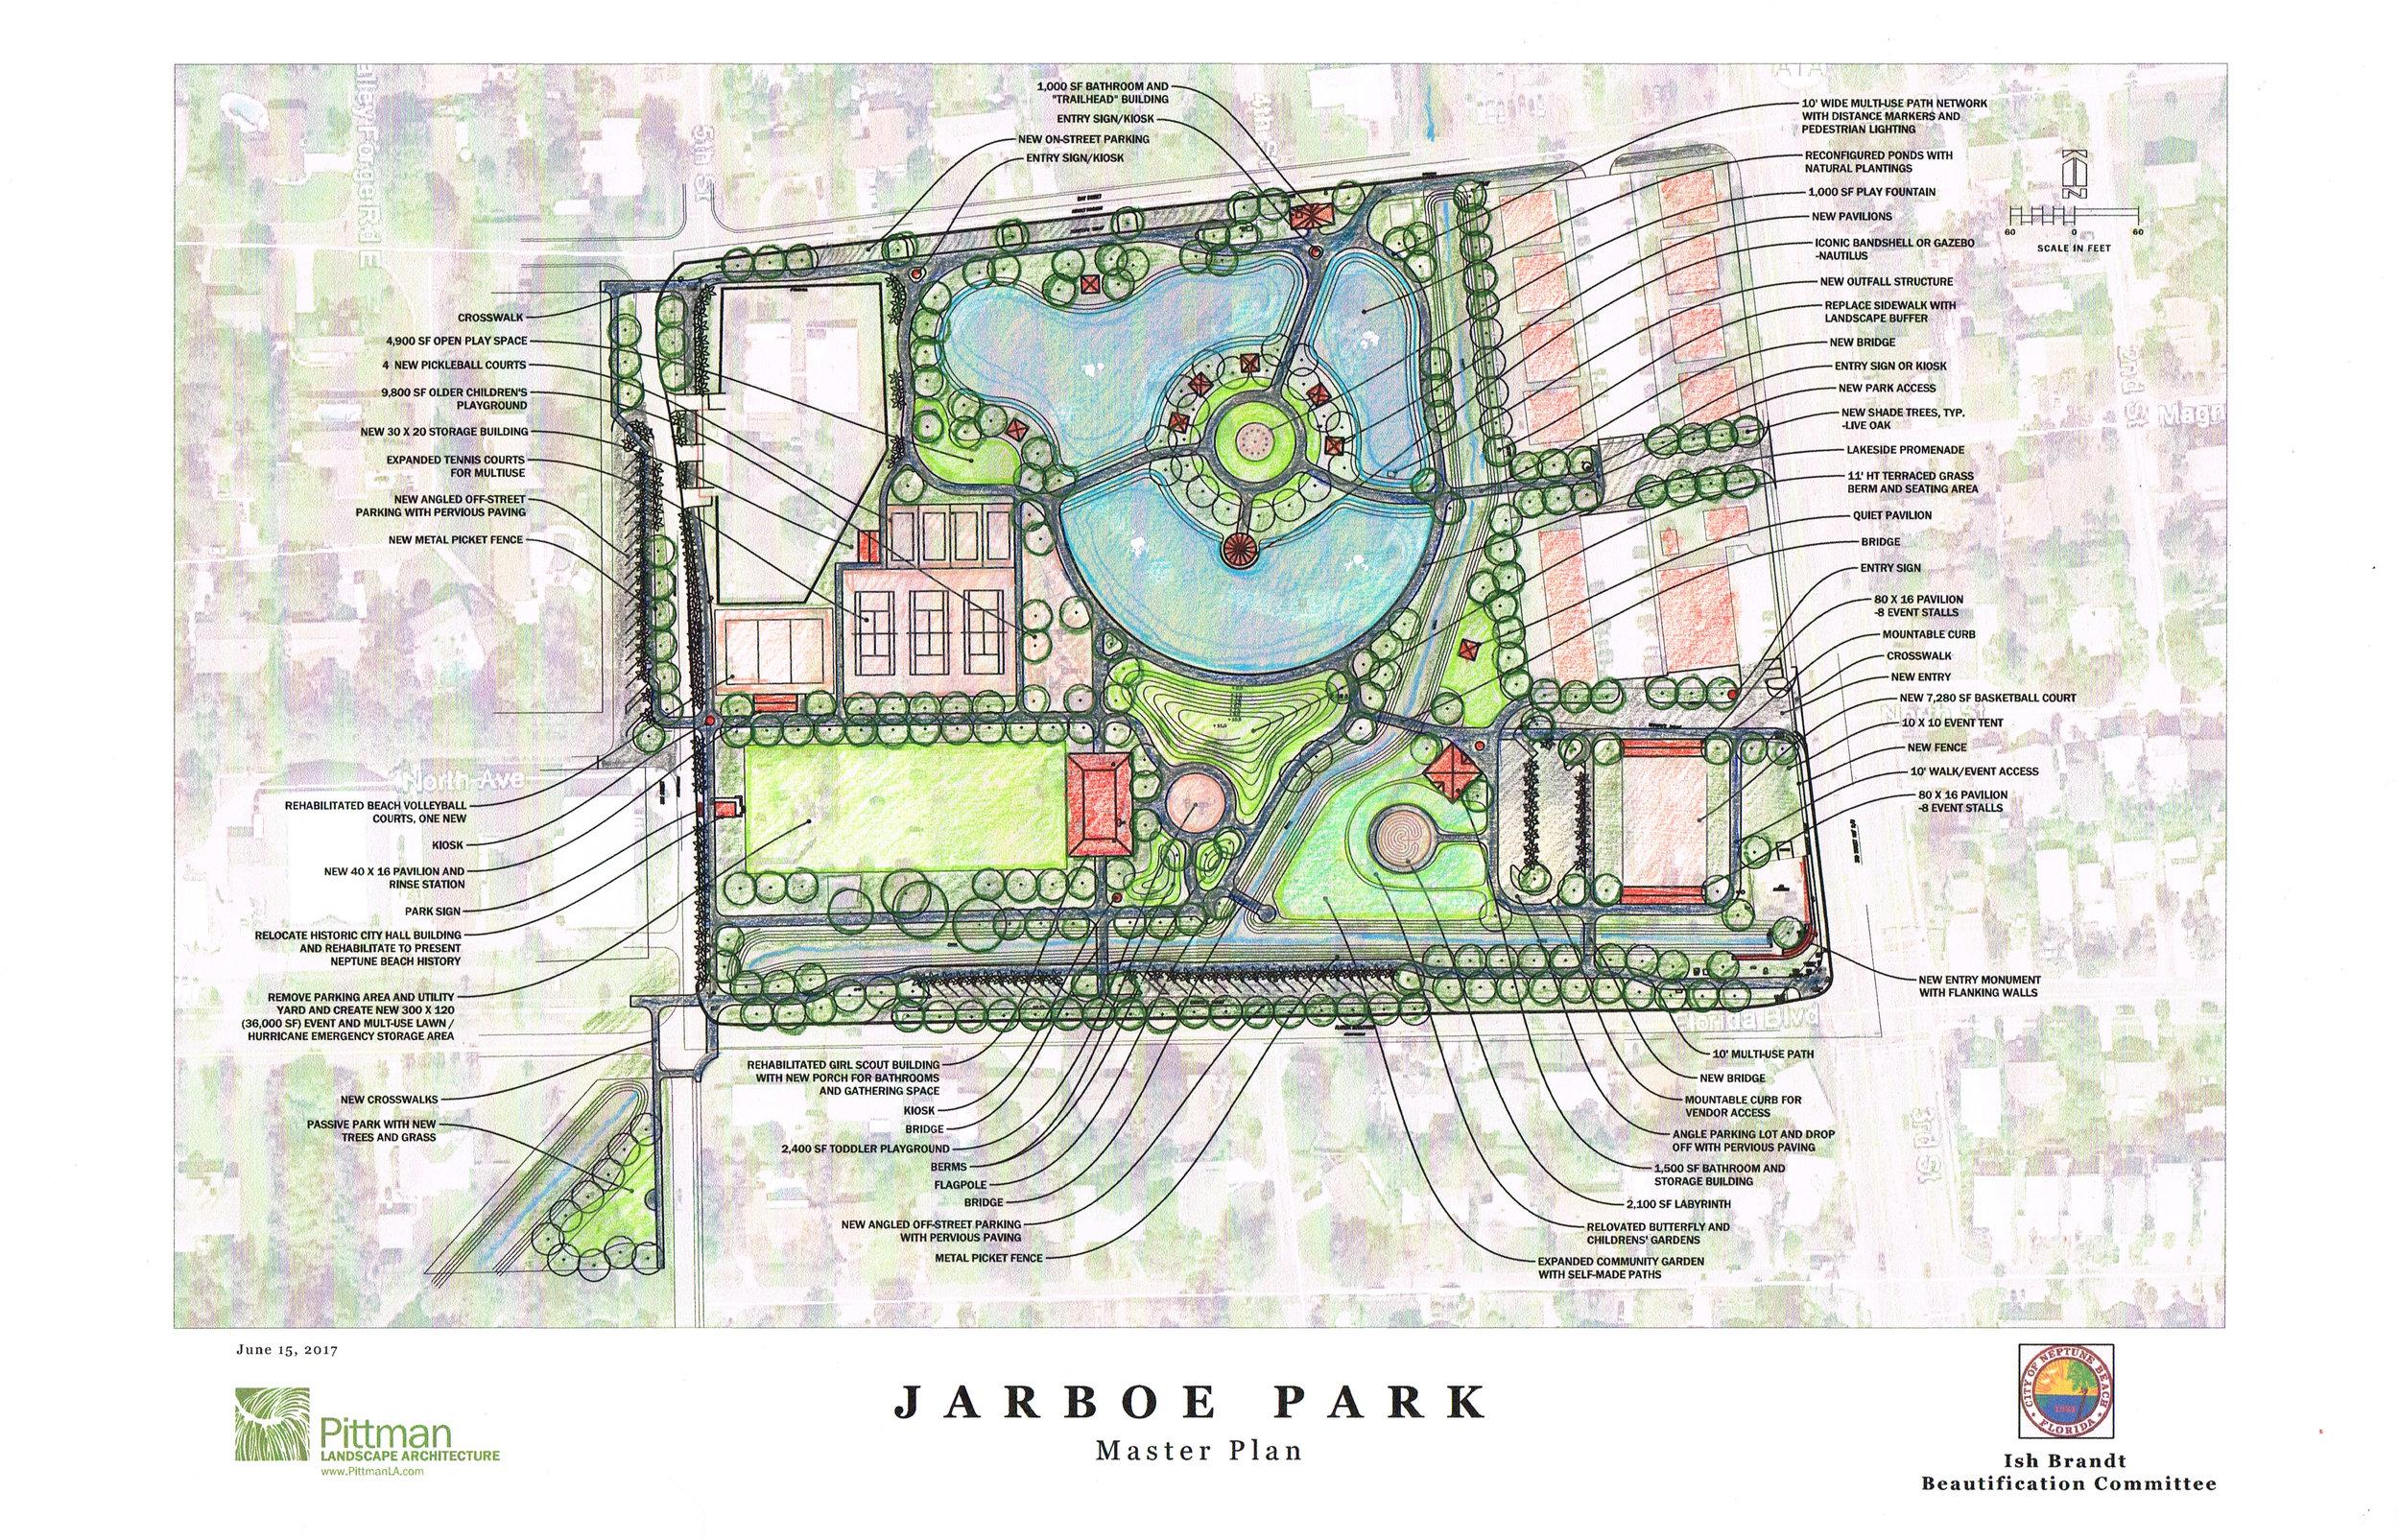 Jarboe Park Master Plan